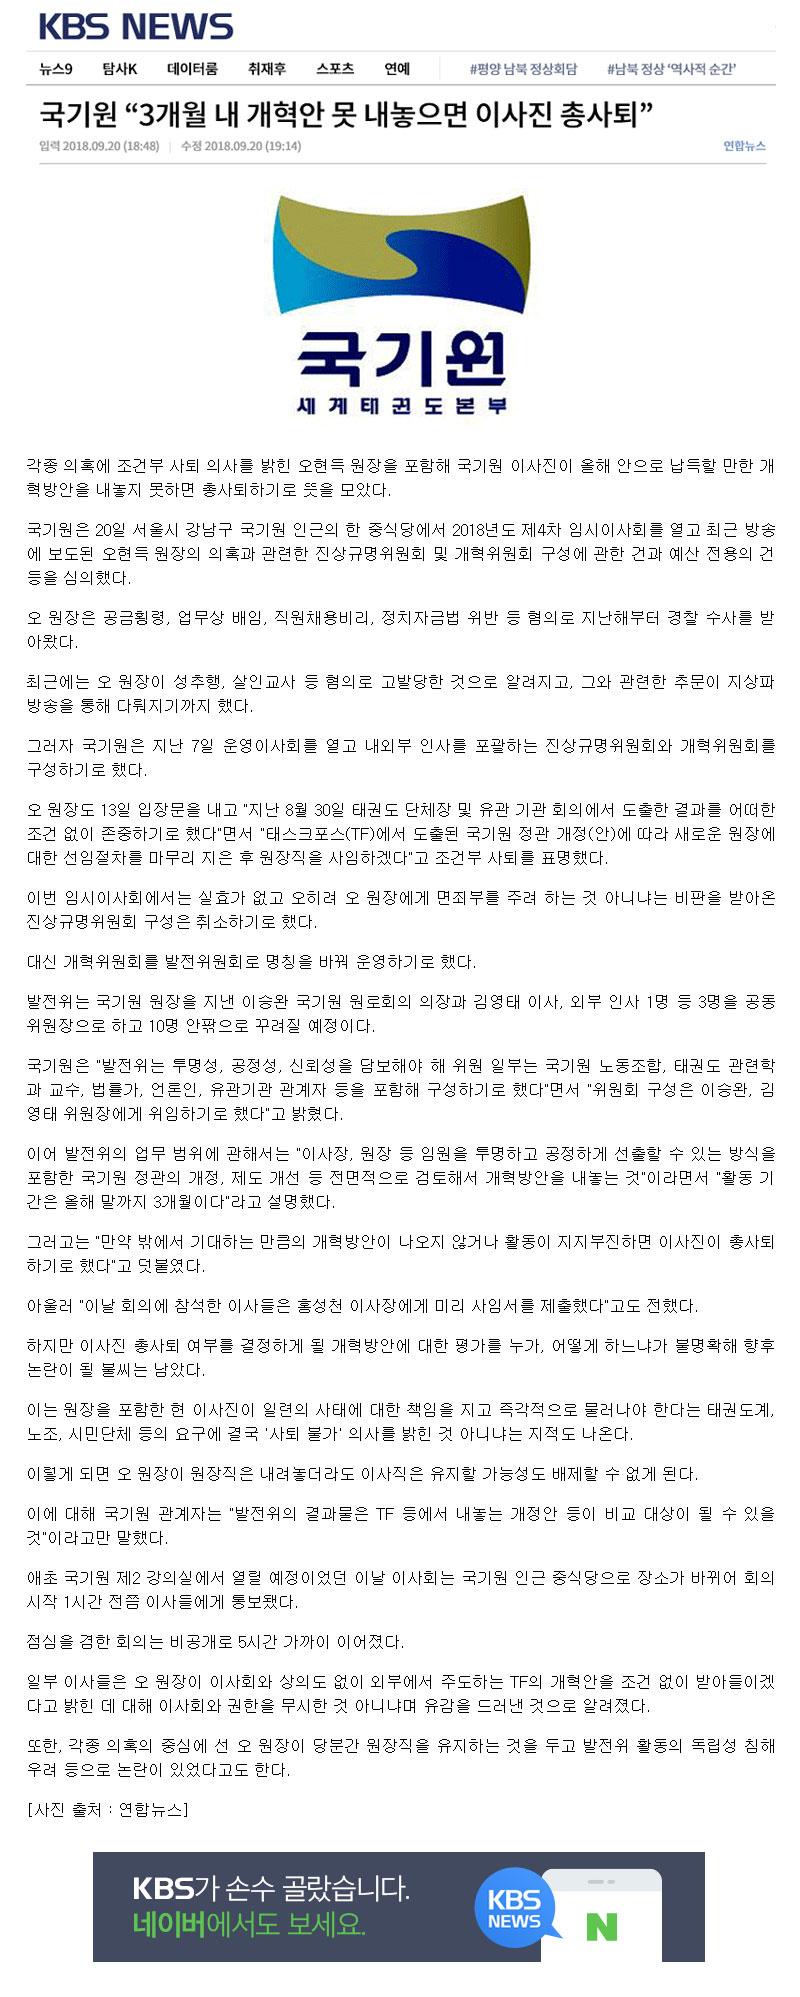 20190920_KBS_국기원3개월내개혁안못내놓으면이사진총사퇴.jpg